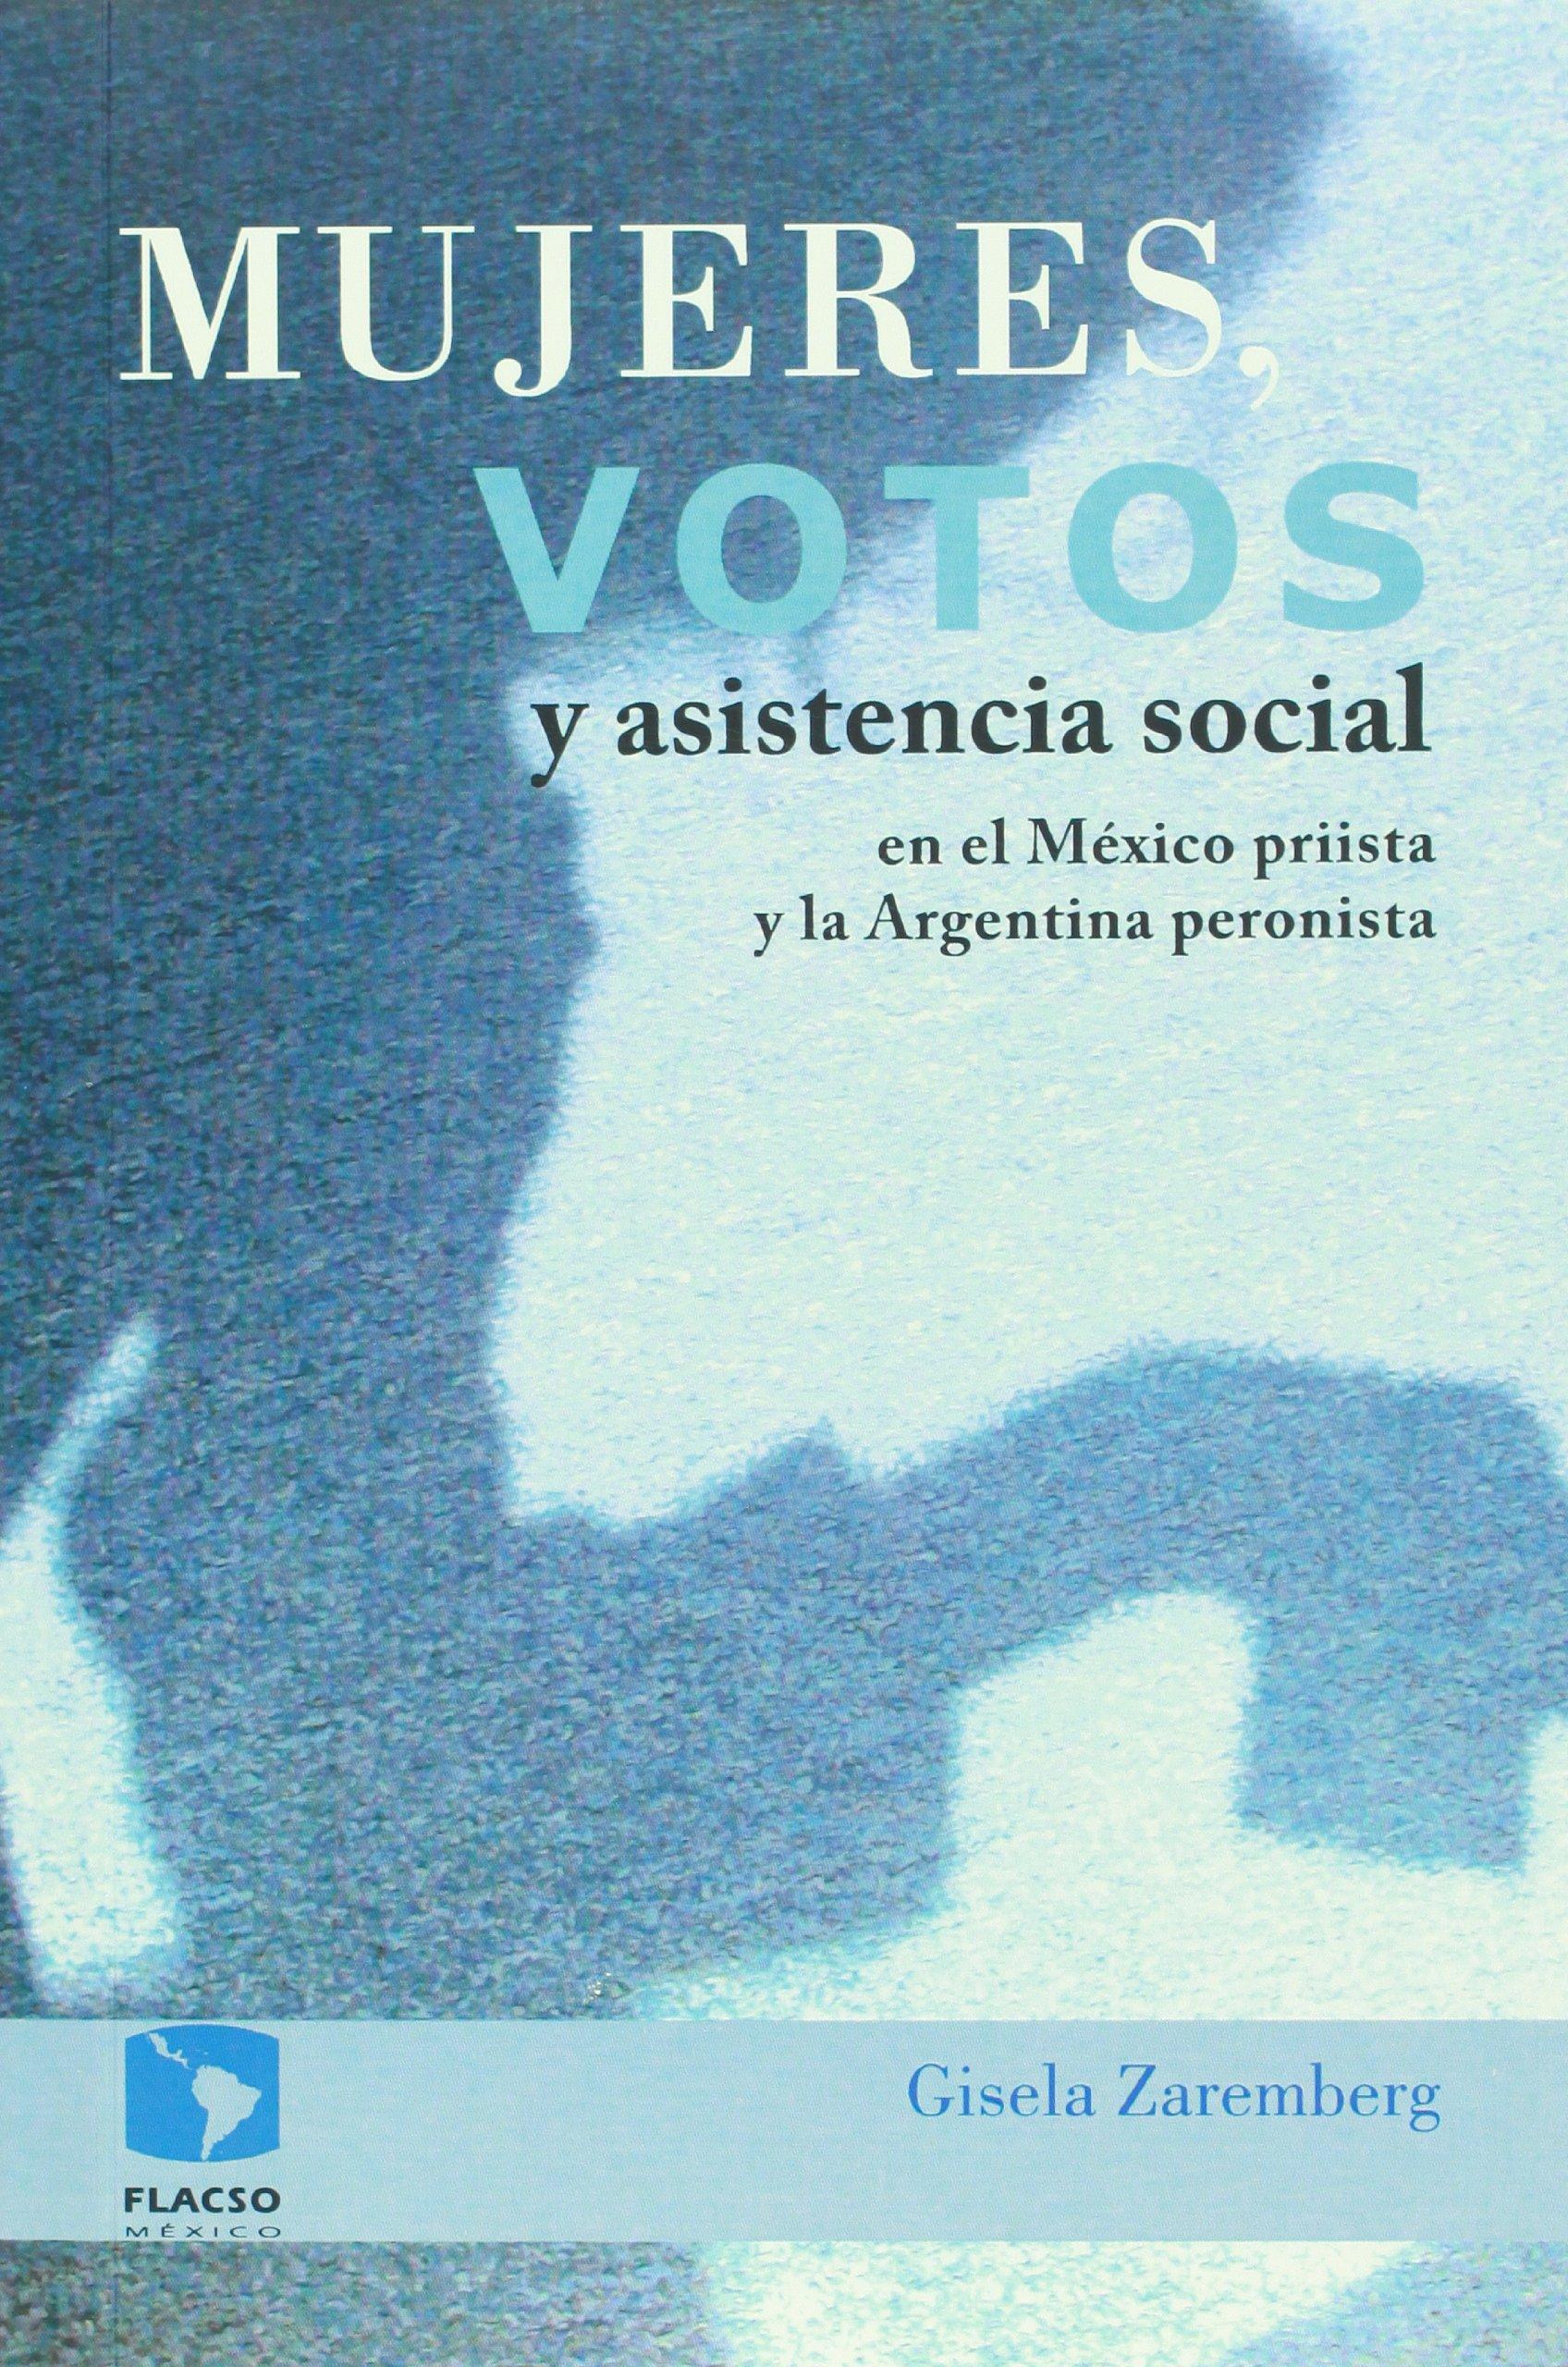 Mujeres, votos y asistencia social en el Mexico priista y la ...